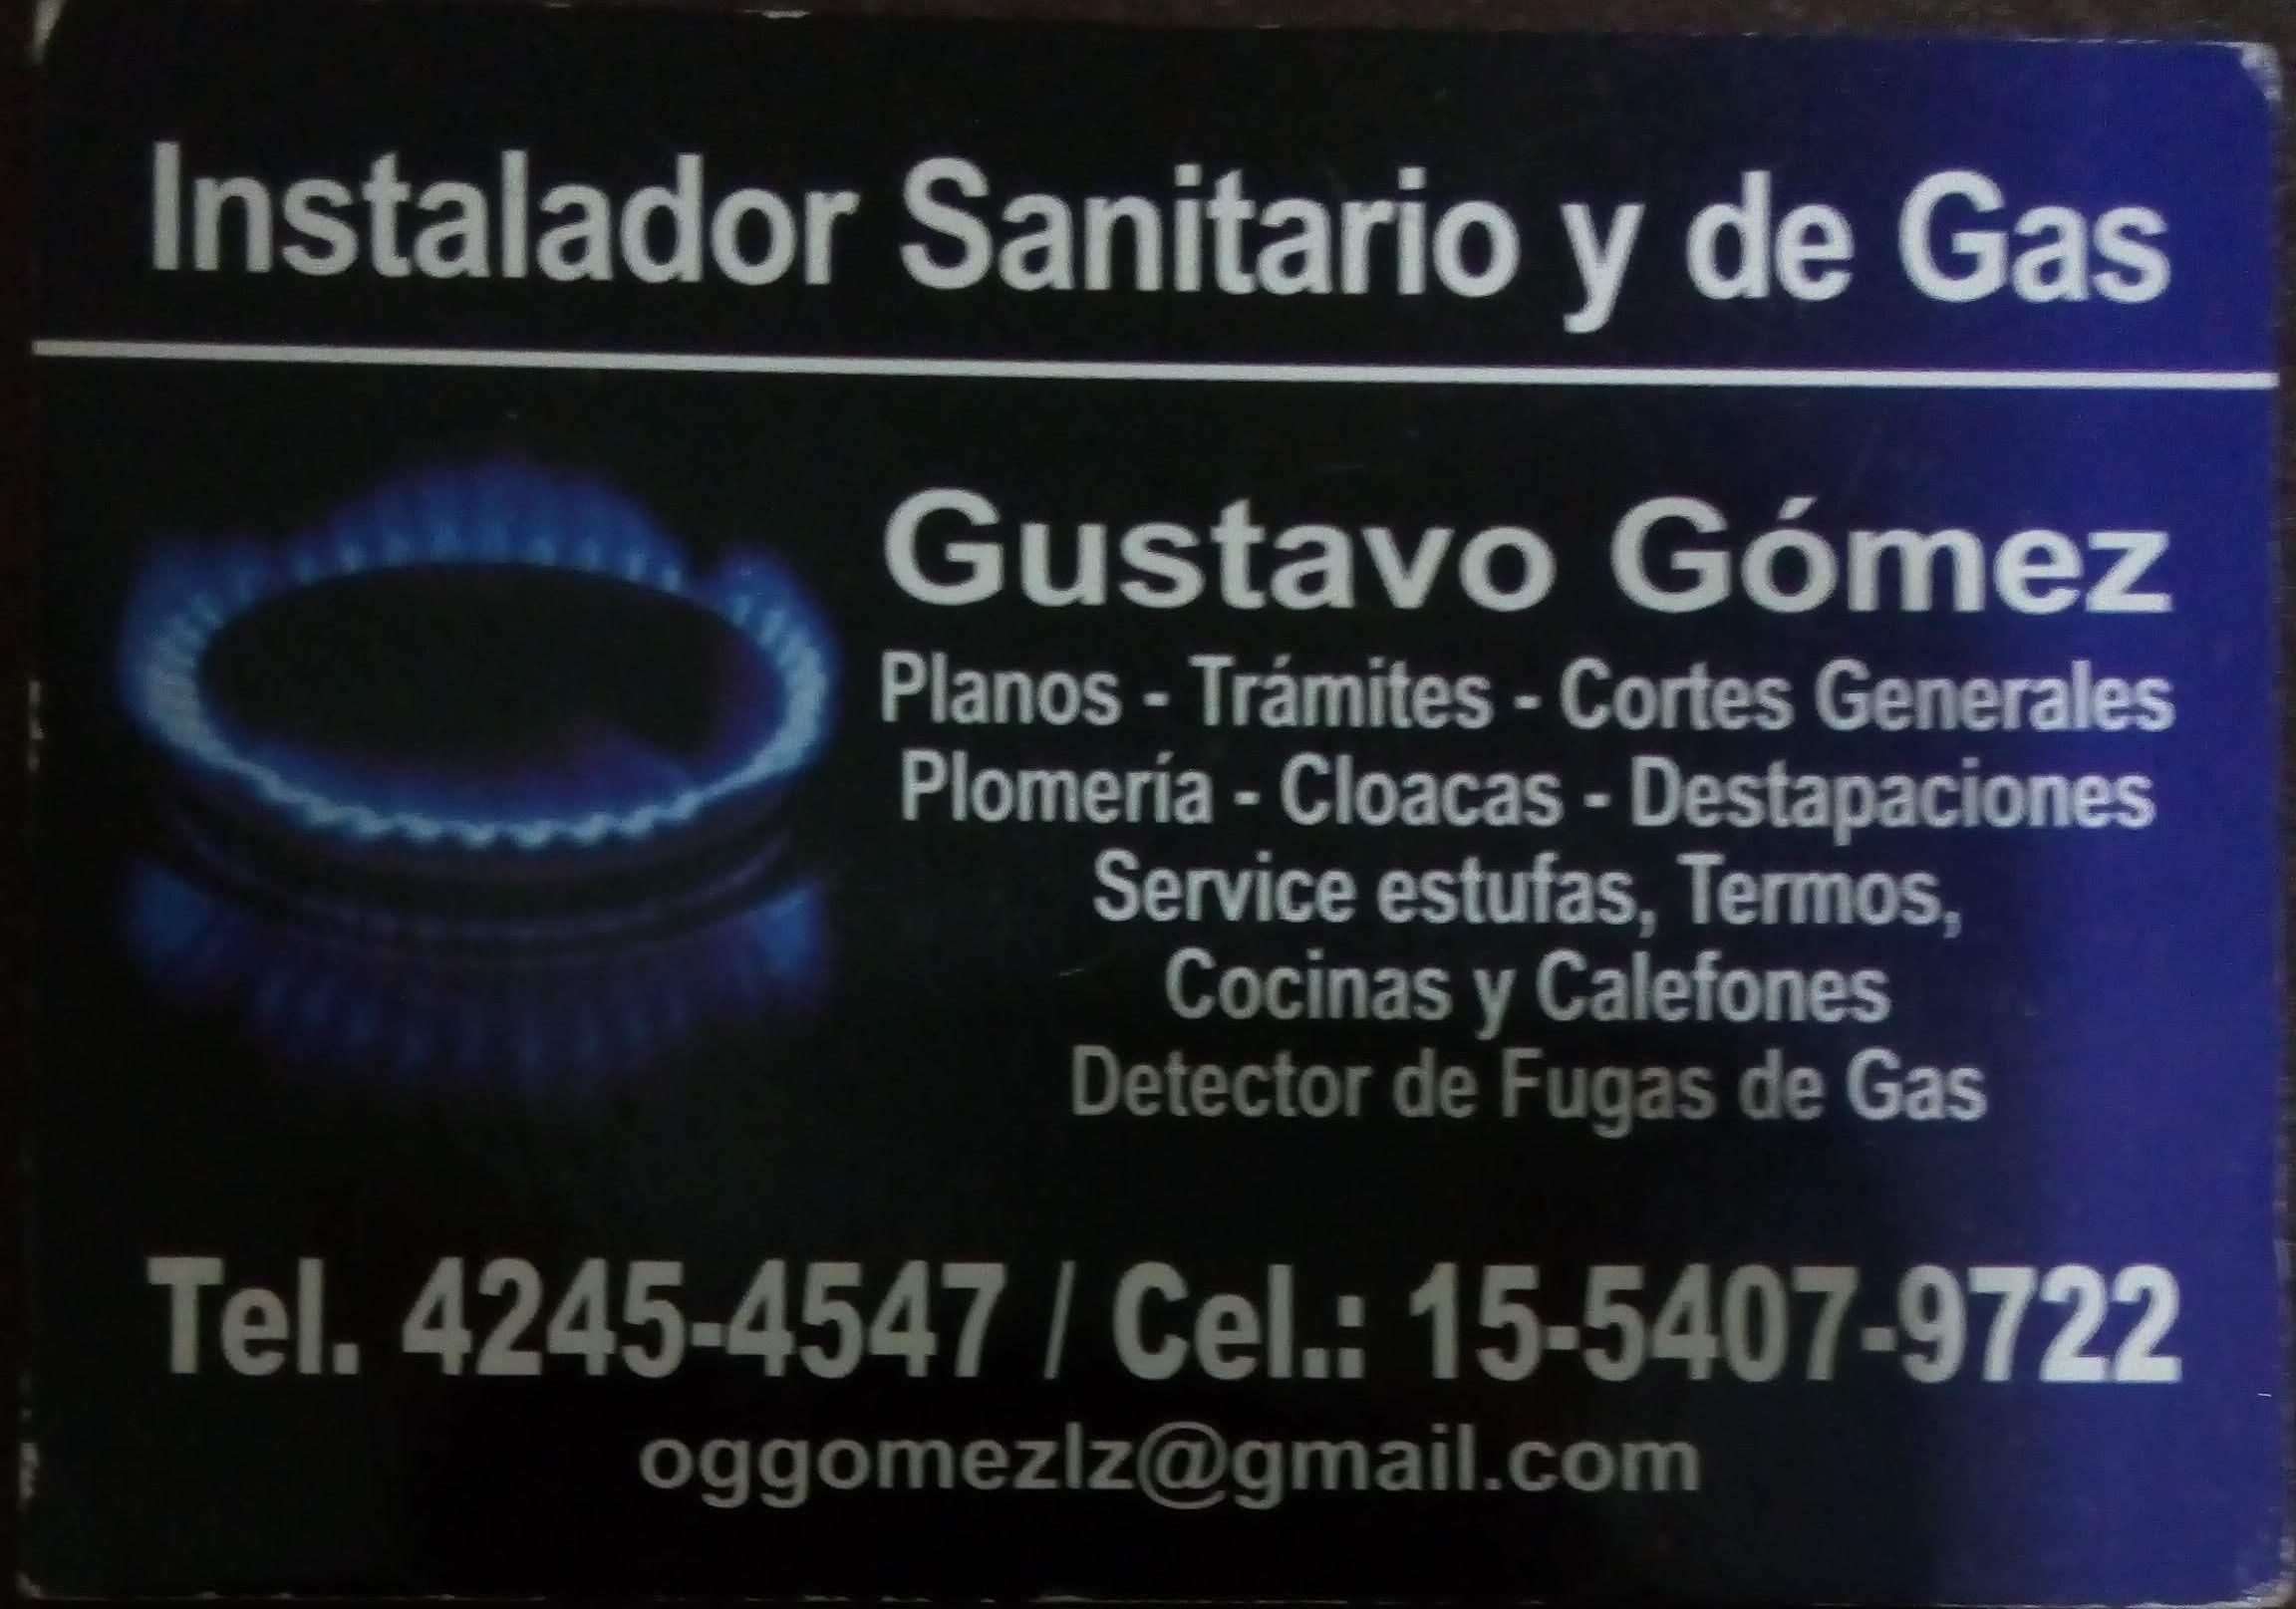 PLOMERO Y GASISTA MATRICULADO EN LOMAS DE ZAMORA - GUSTAVO GOMEZ